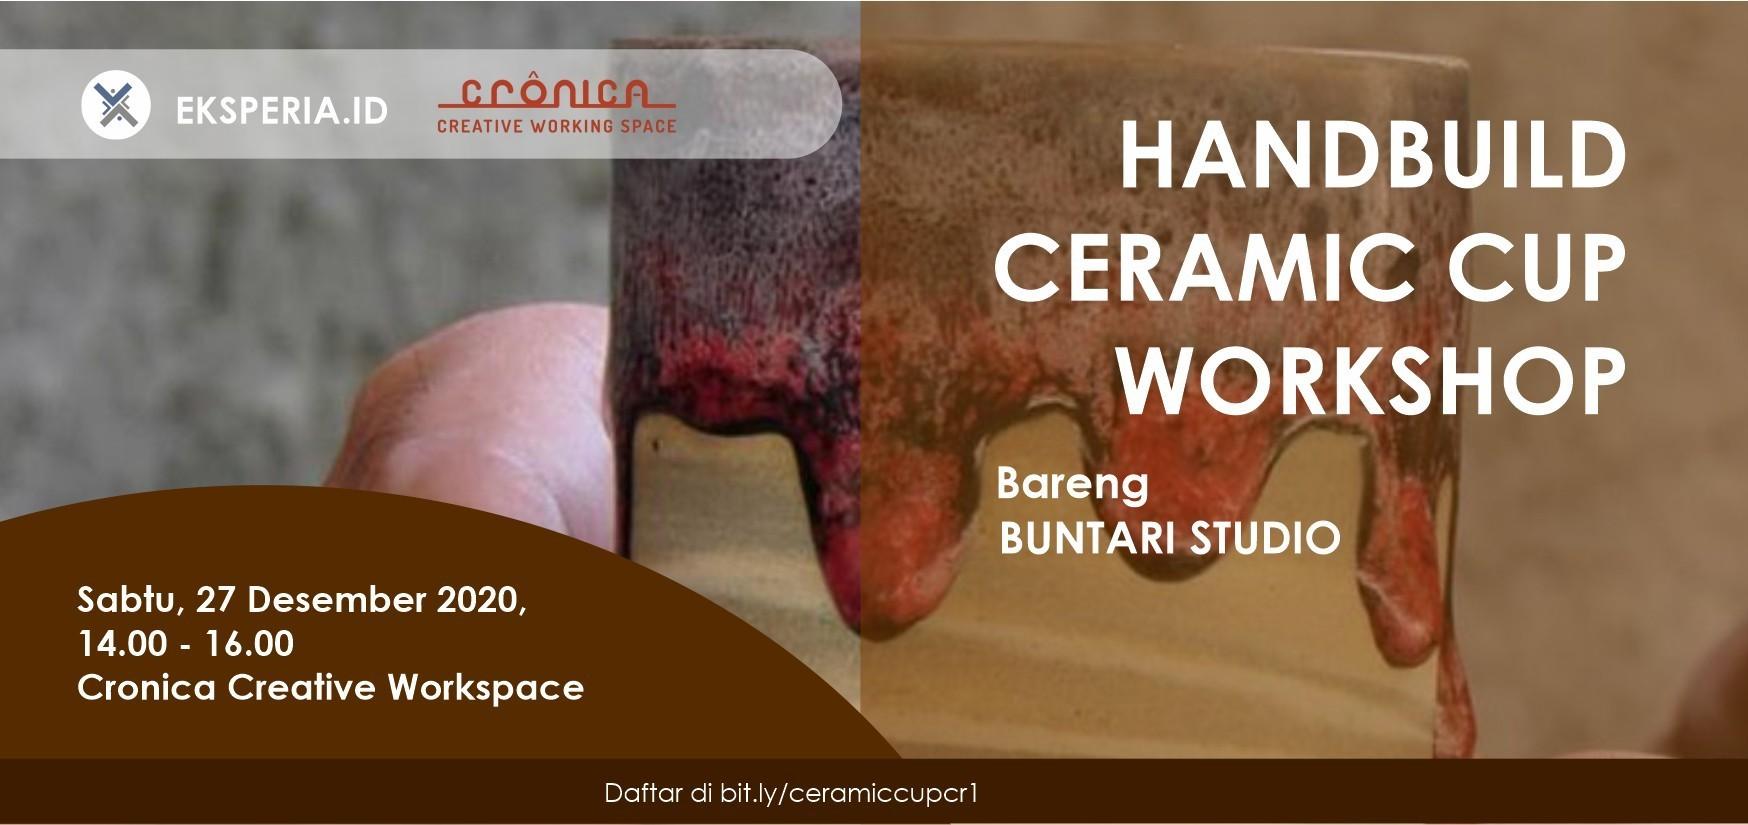 EKSPERIA.ID - Handbuild Ceramic Workshop bareng Buntari Studio (ft Cronica Creative Workspace)